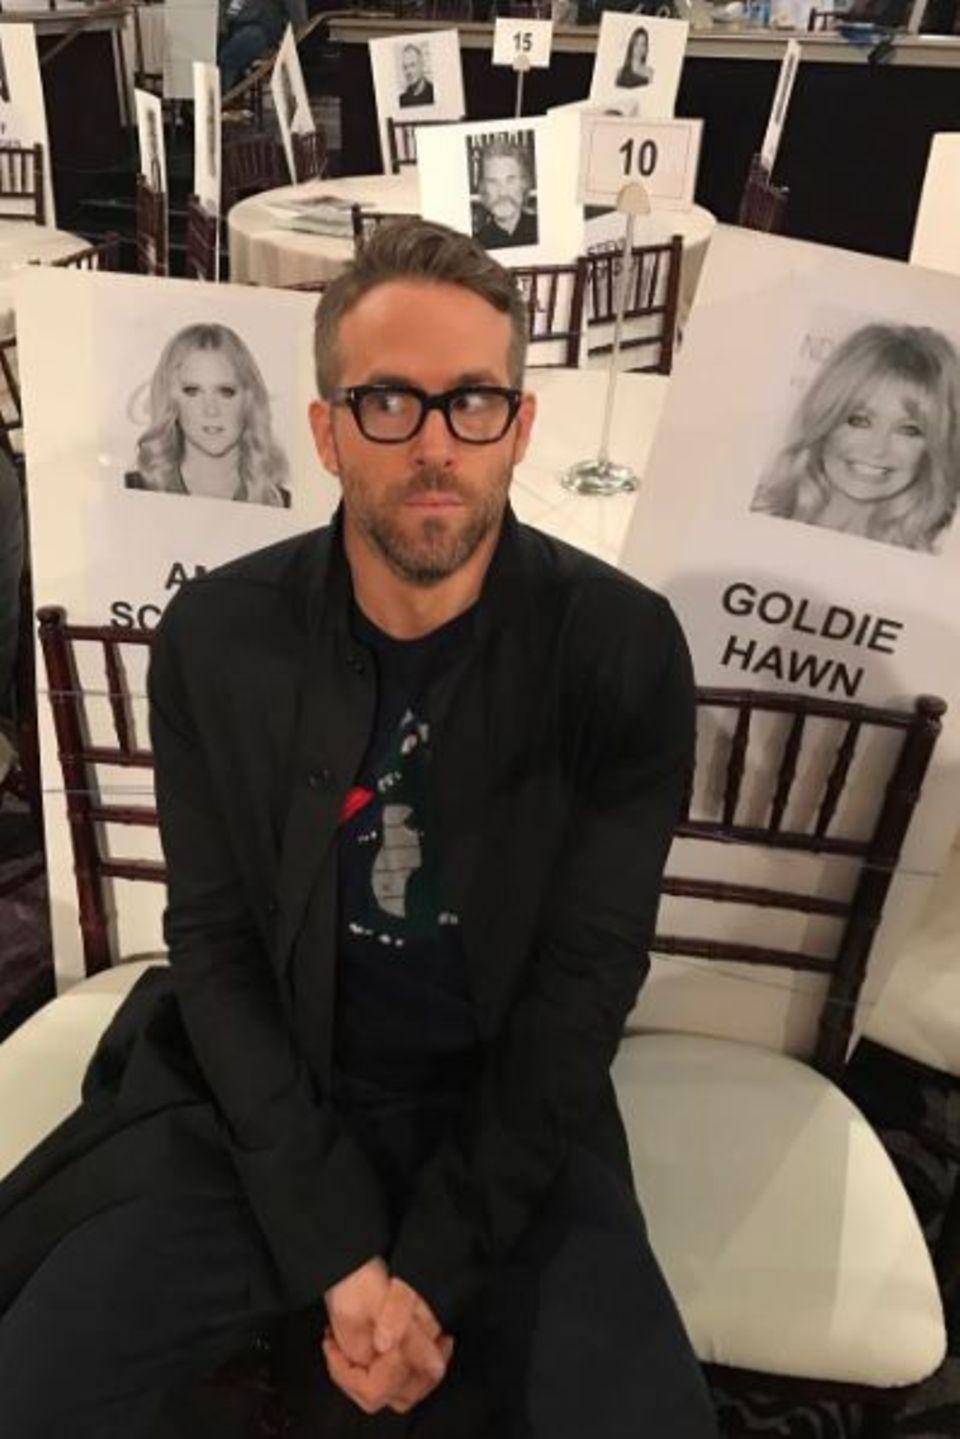 9. Januar 2017  Der Hollywoodstar Ryan Reynolds befindet sich auf gefährlichem Terrain: Den Powerfrauen Amy Schumer und Goldie Hawn schnappt man besser nicht die Plätze weg.